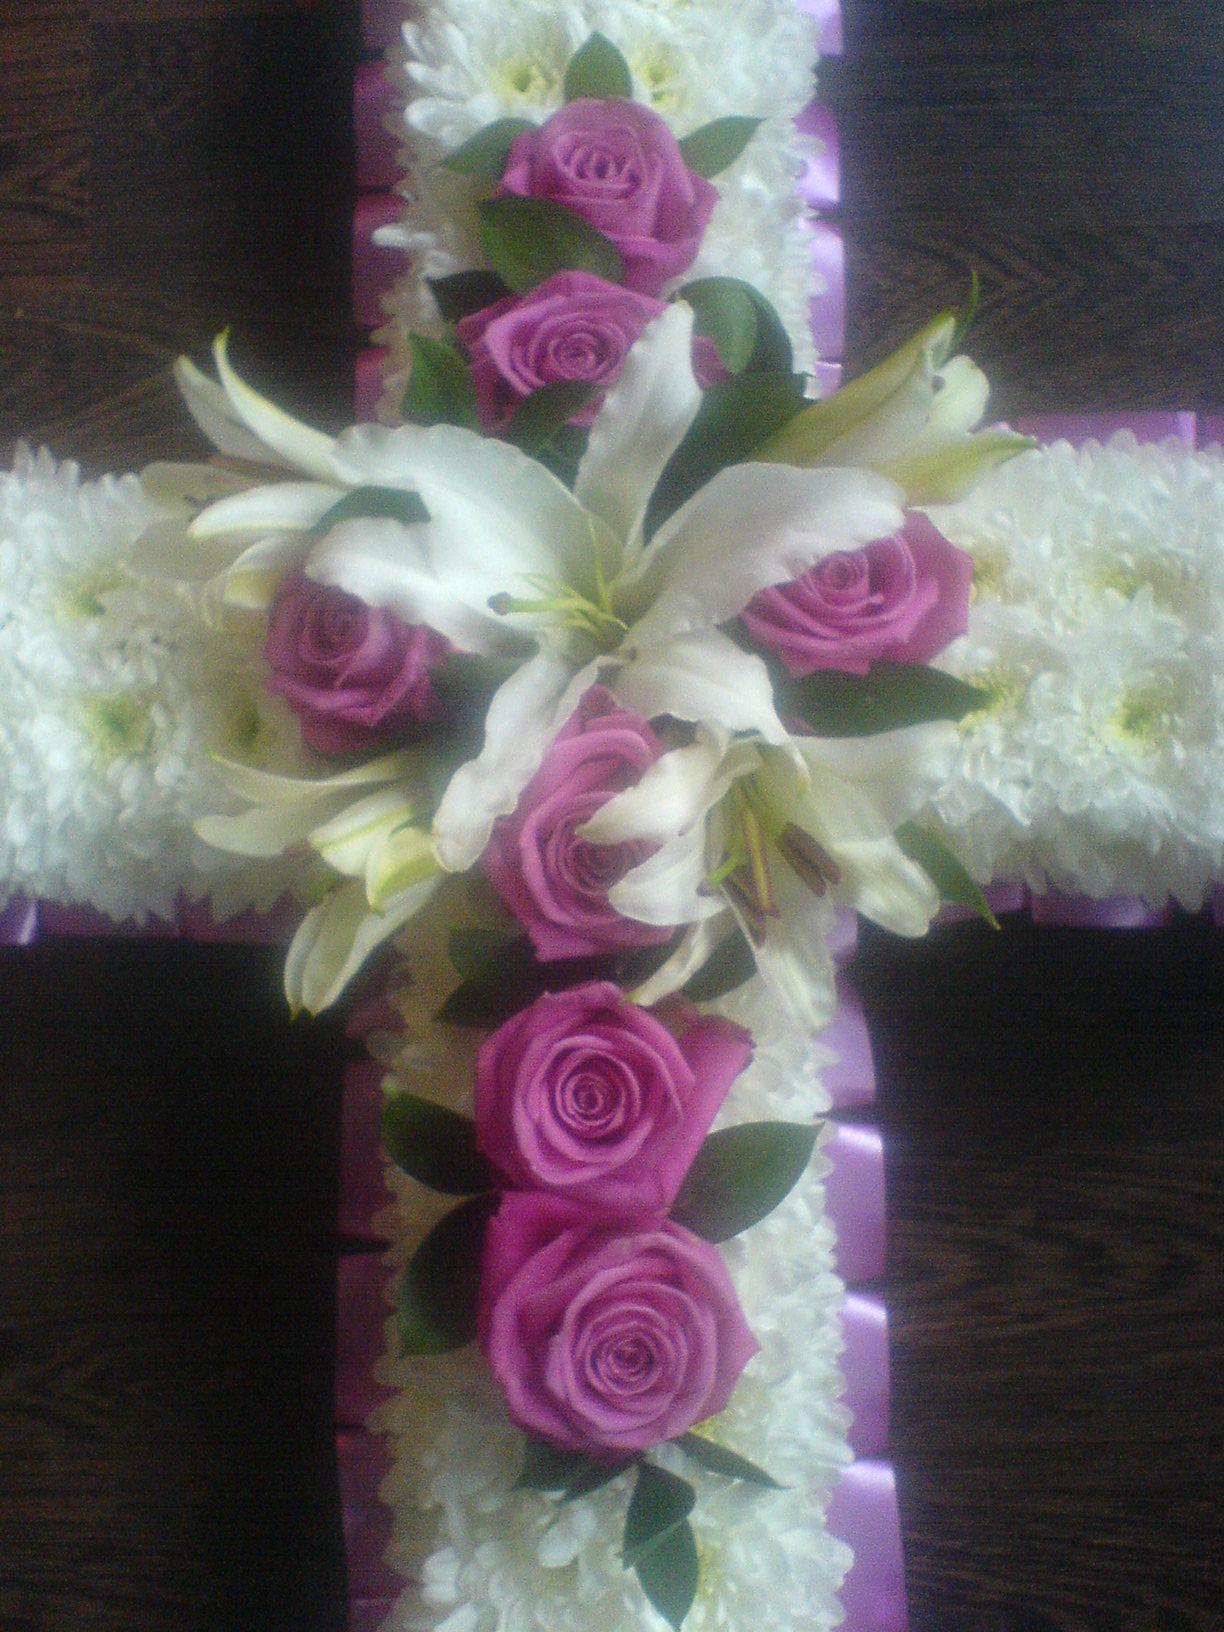 George jones funeral funeral flowersgfuneral20flower george jones funeral funeral flowersgfuneral20flower201224x1632 izmirmasajfo